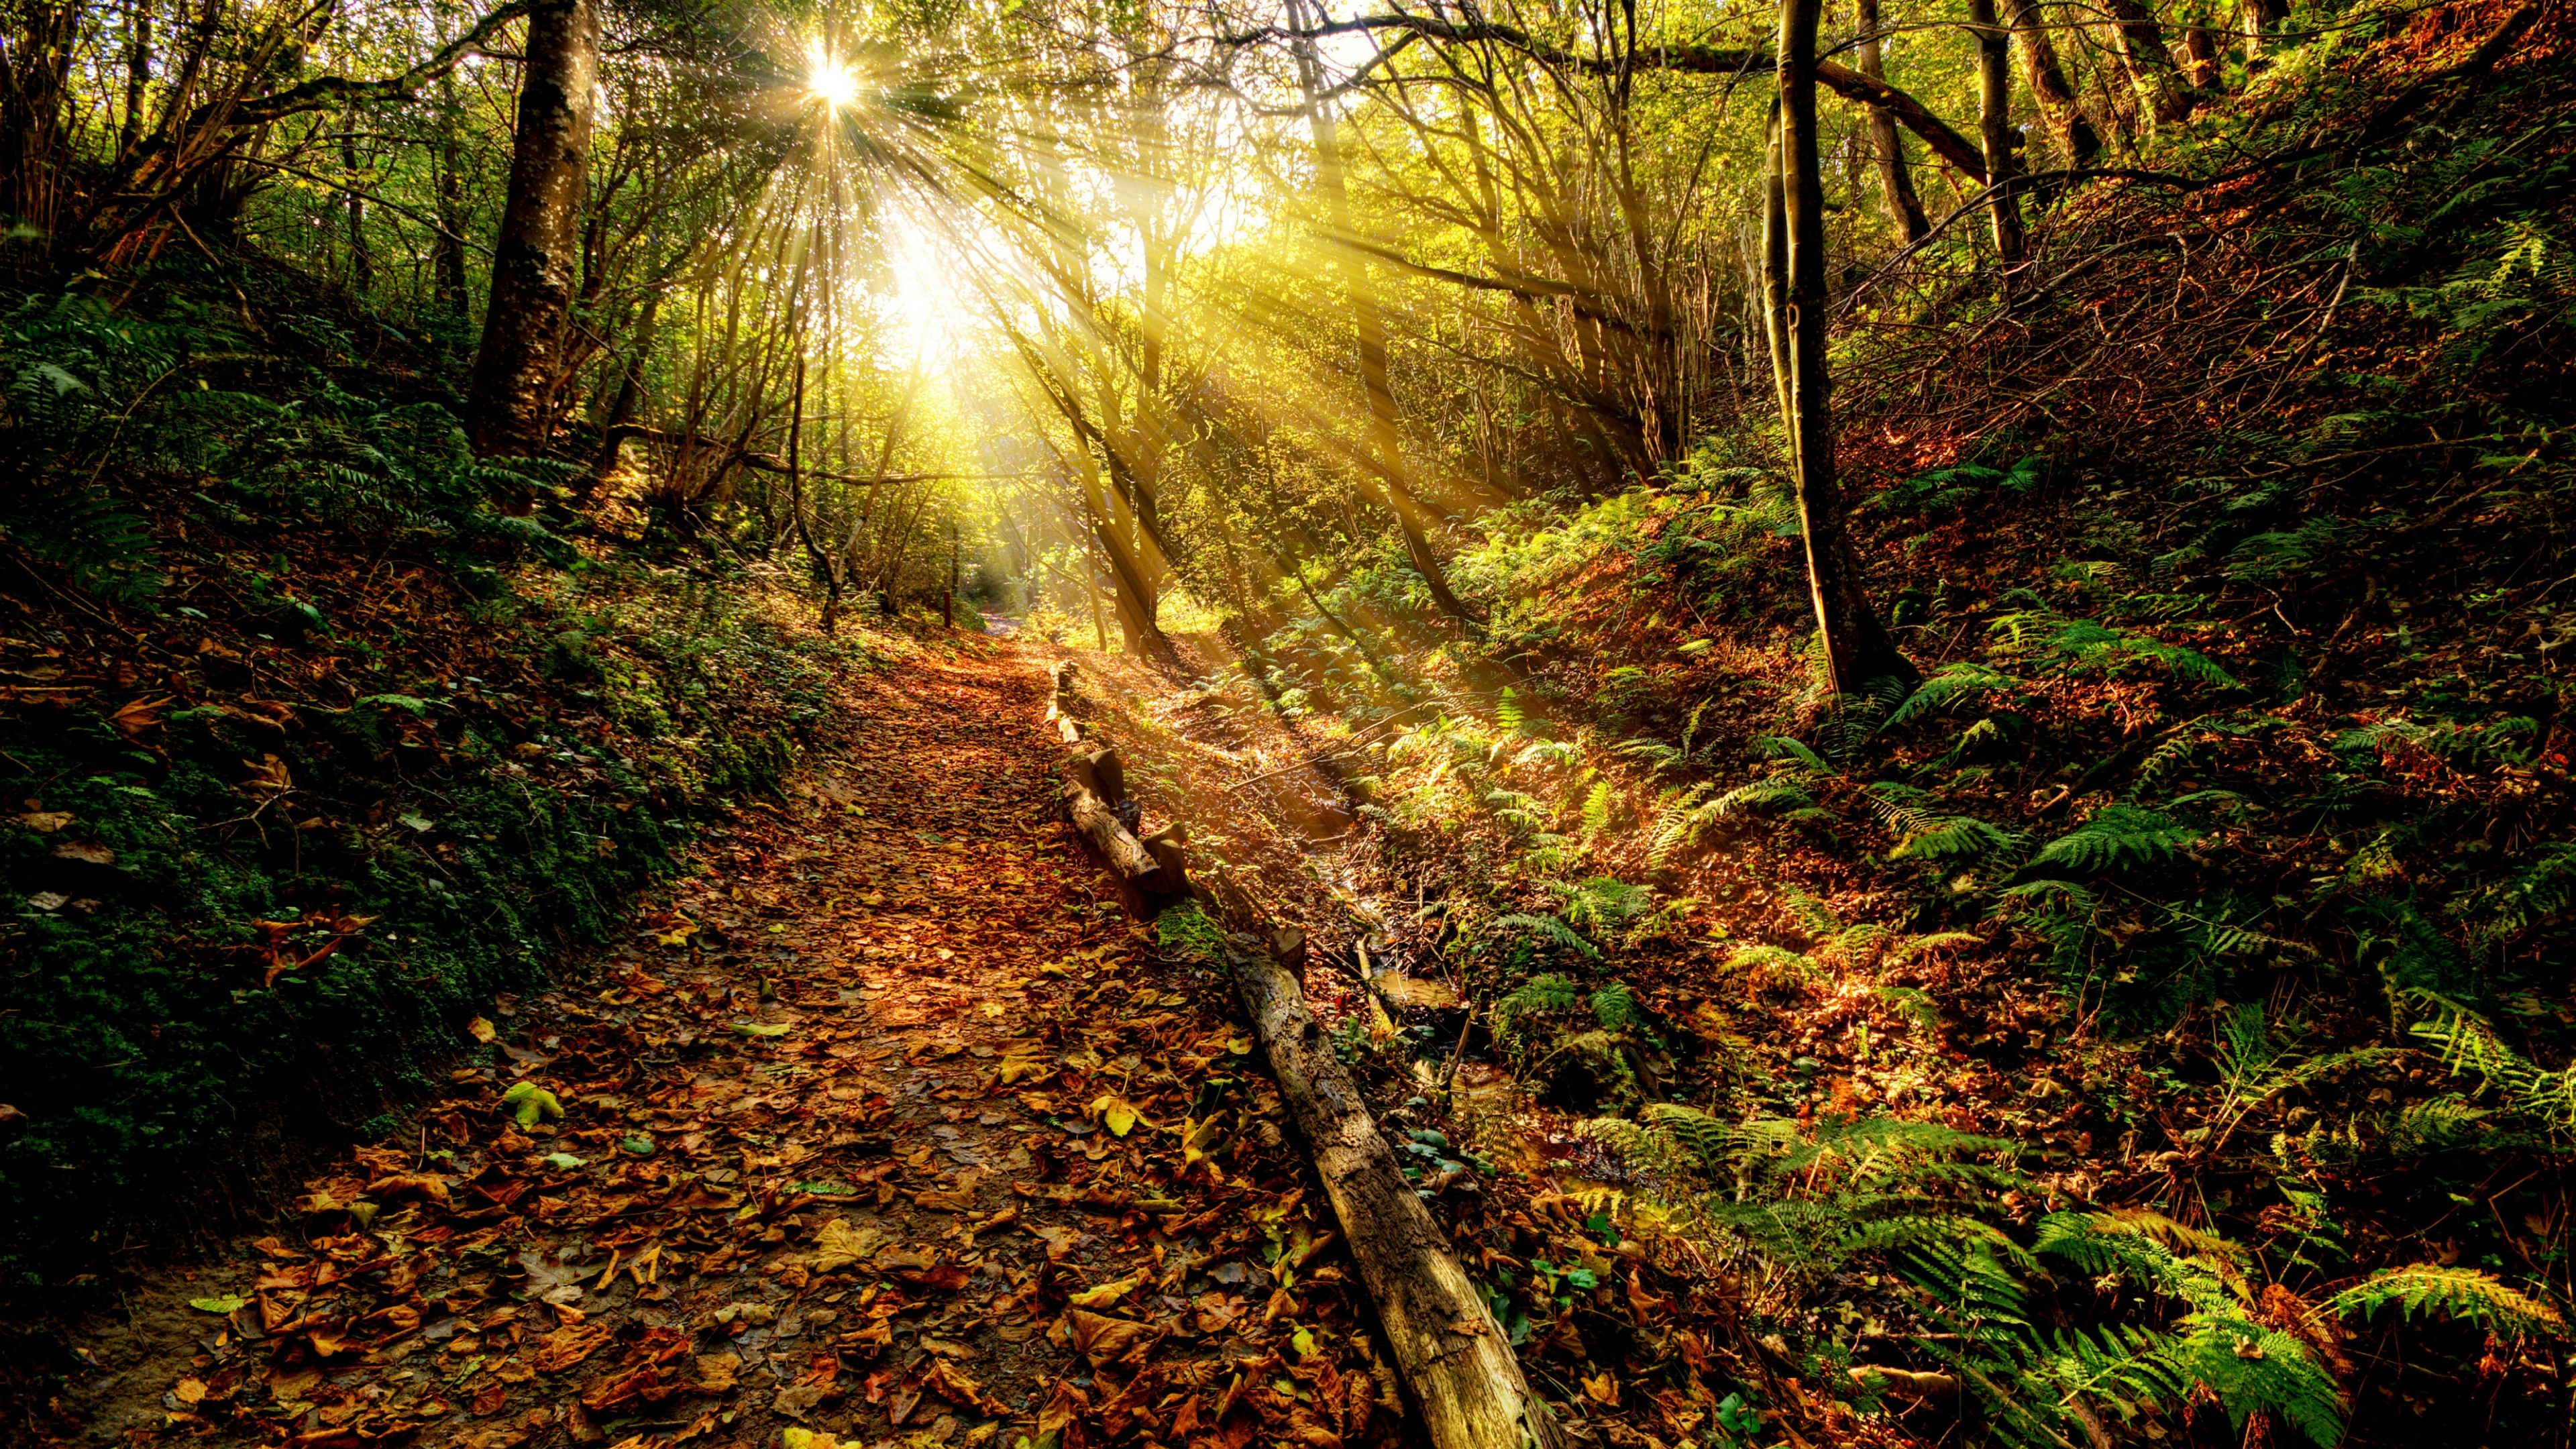 Golden forest path wallpaper